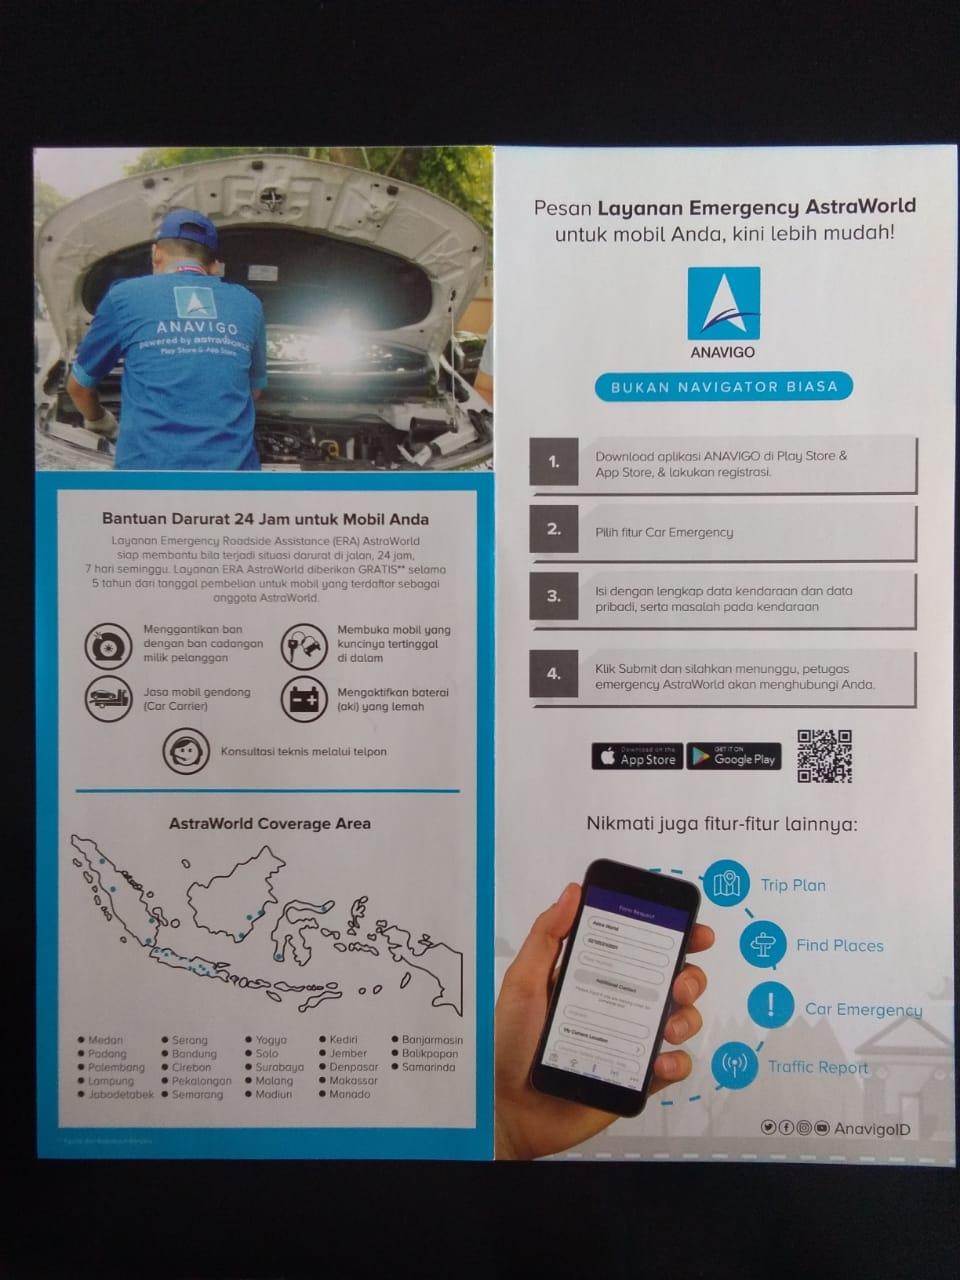 Daihatsu Ciledug WhatsApp-Image-2018-11-16-at-08.50.45-1 Manfaat dan Keuntungan ASTRA WORLD 5 Tahun